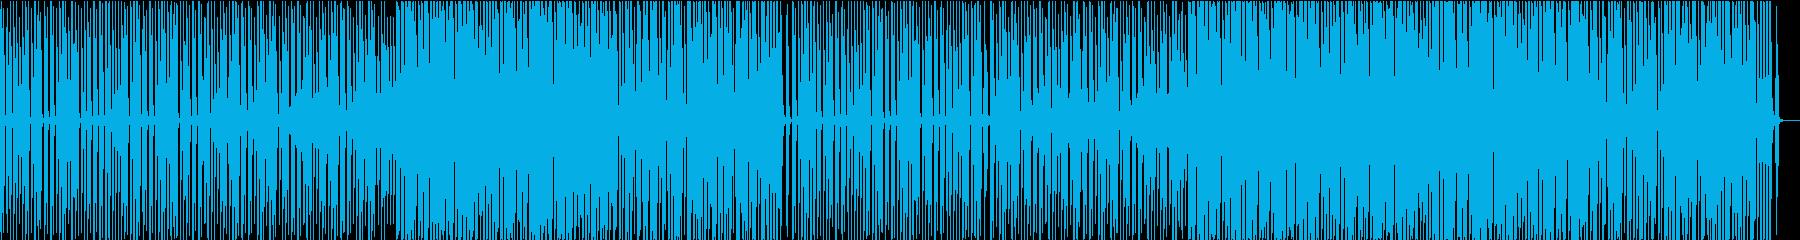 レトロなディスコの再生済みの波形